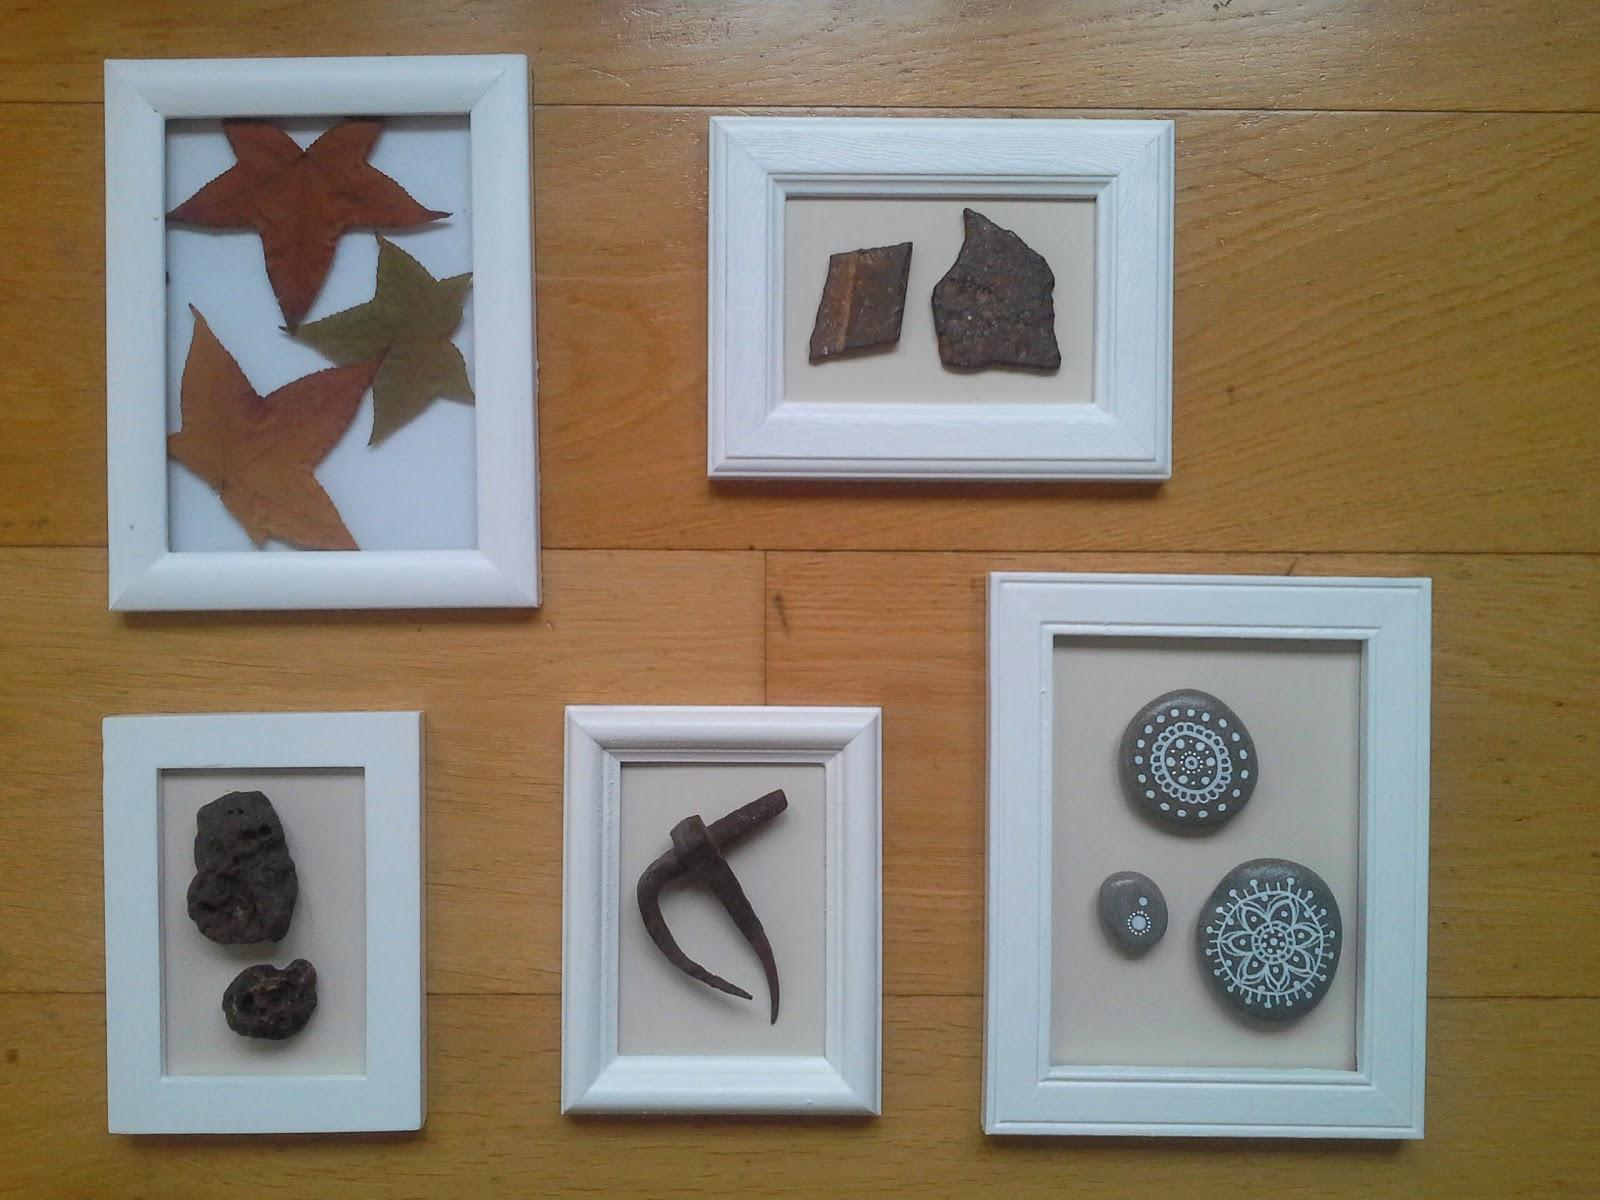 Las cosas de bego cuadros hechos con objetos - Cuadros hechos con piedras de playa ...